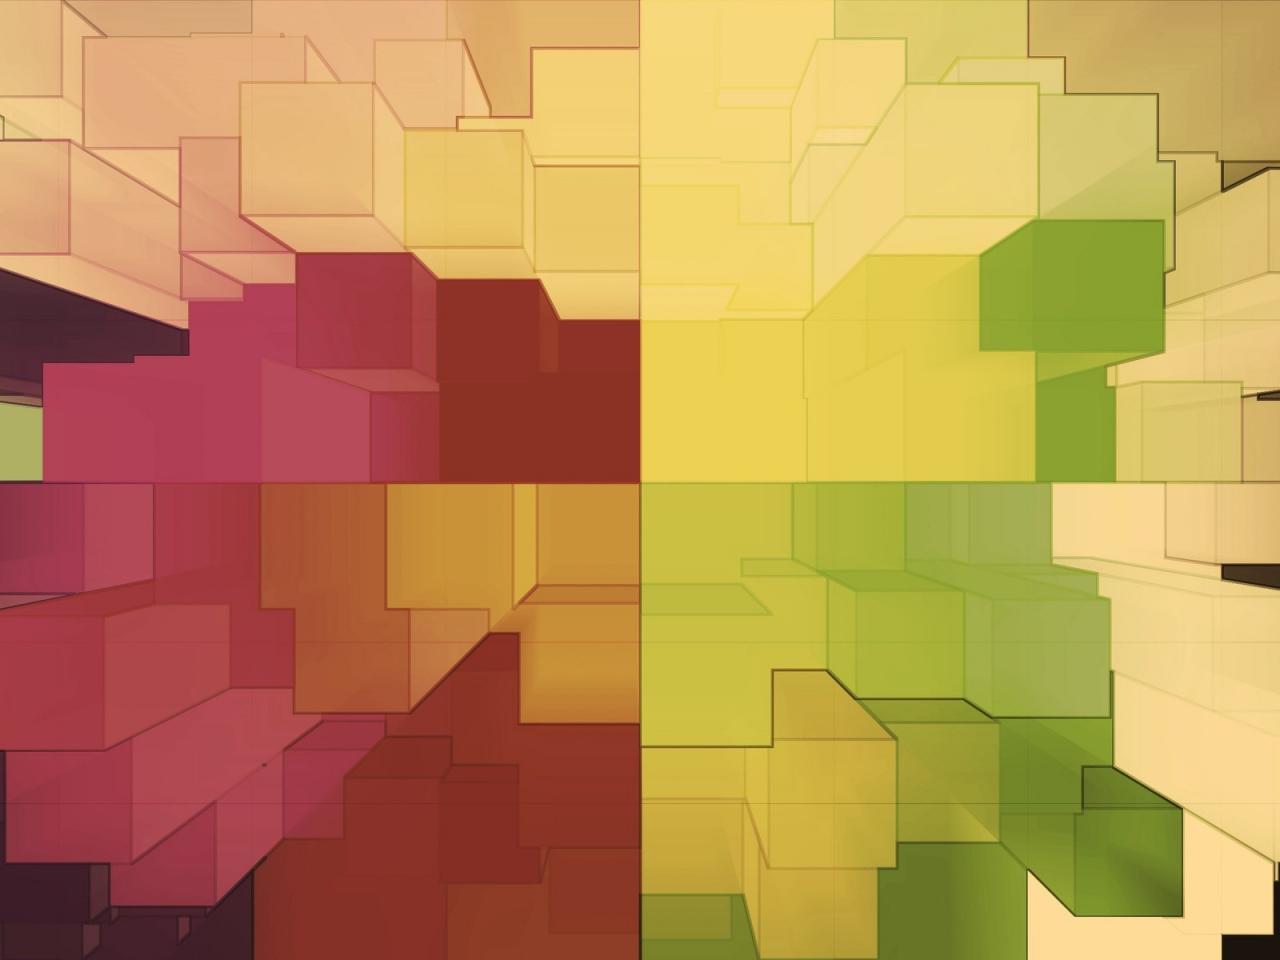 Cuadros abstractos pixelados - 1280x960